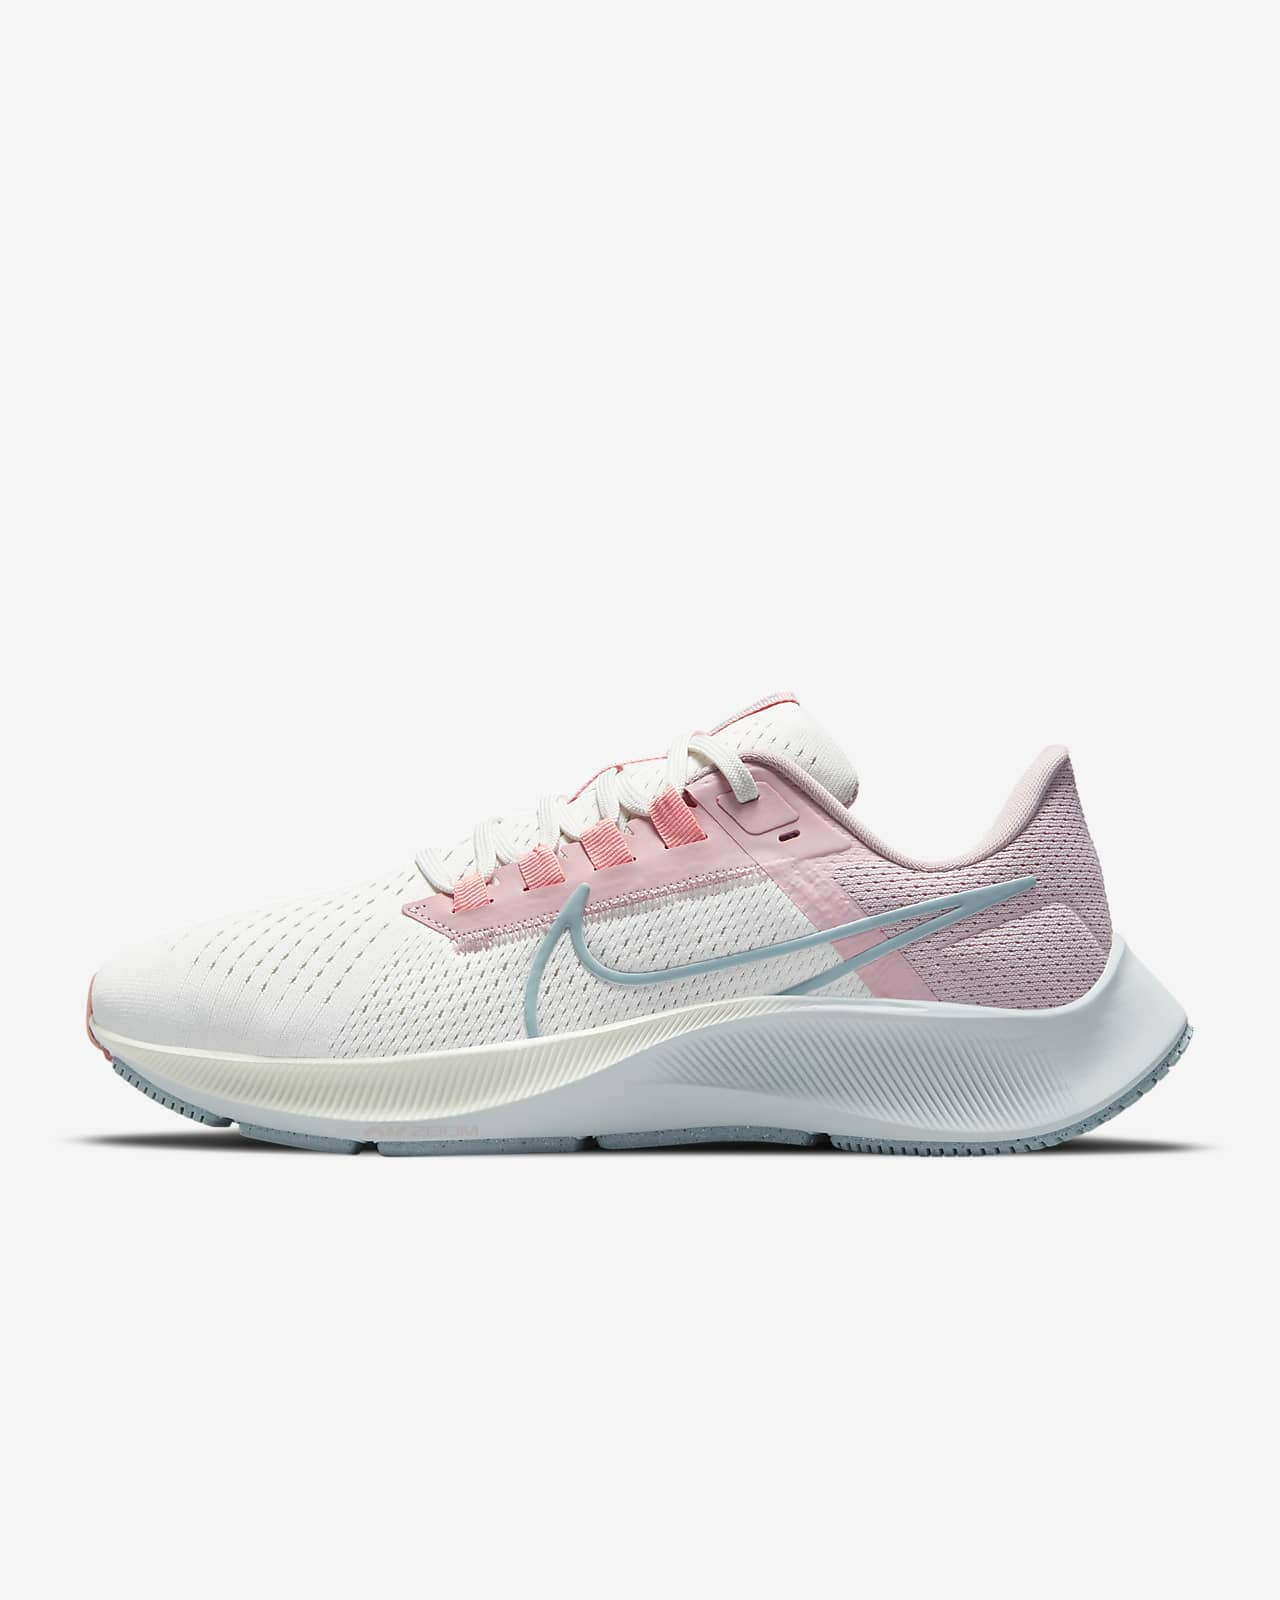 Γυναικείο παπούτσι για τρέξιμο σε δρόμο Nike Air Zoom Pegasus 38